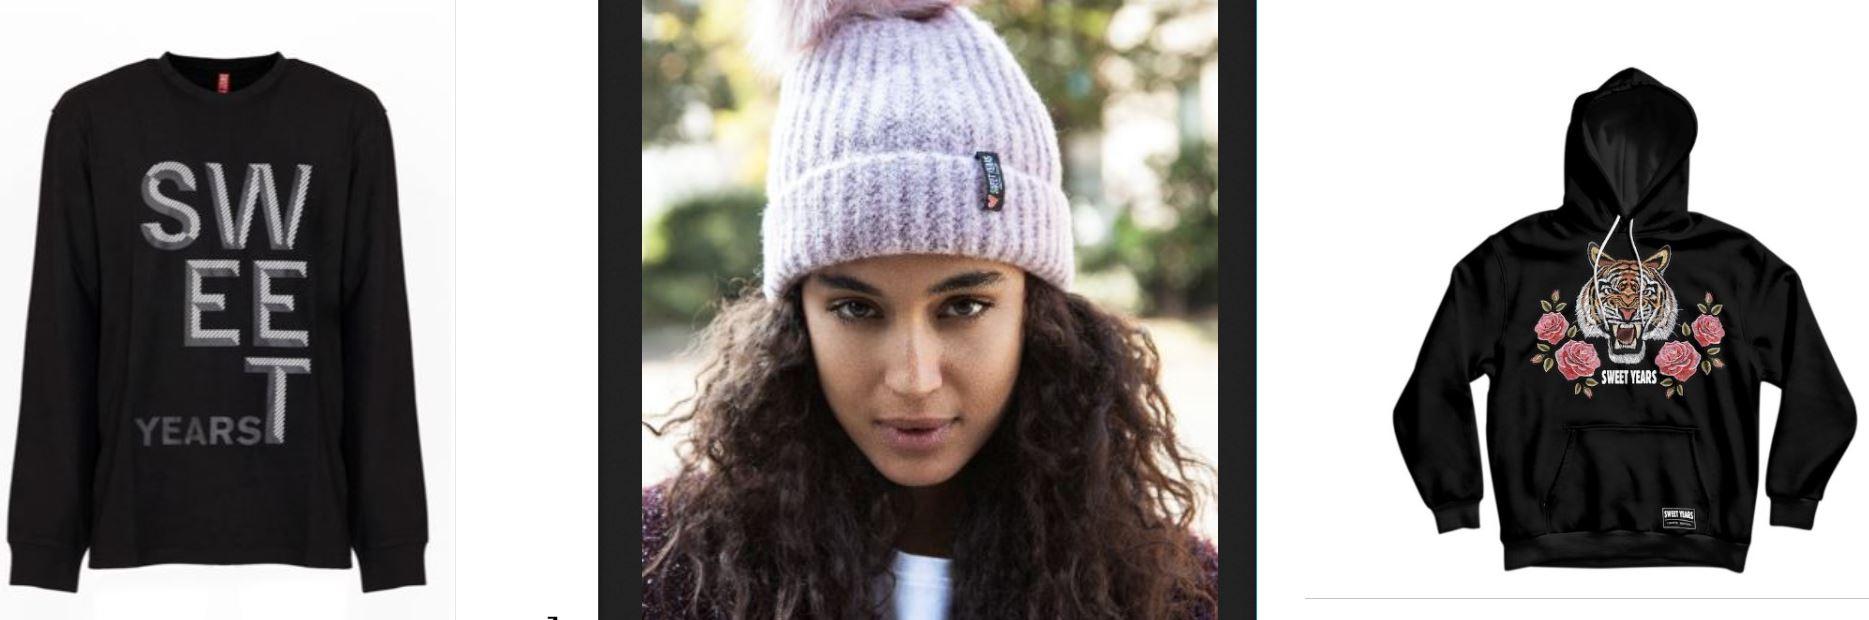 fc4de44241 La nuova linea accessori Sweet Years non è solo zaini ma un vero e proprio  universo fatto di portafogli, morbide sciarpe over, caldi berretti di lana e  ...